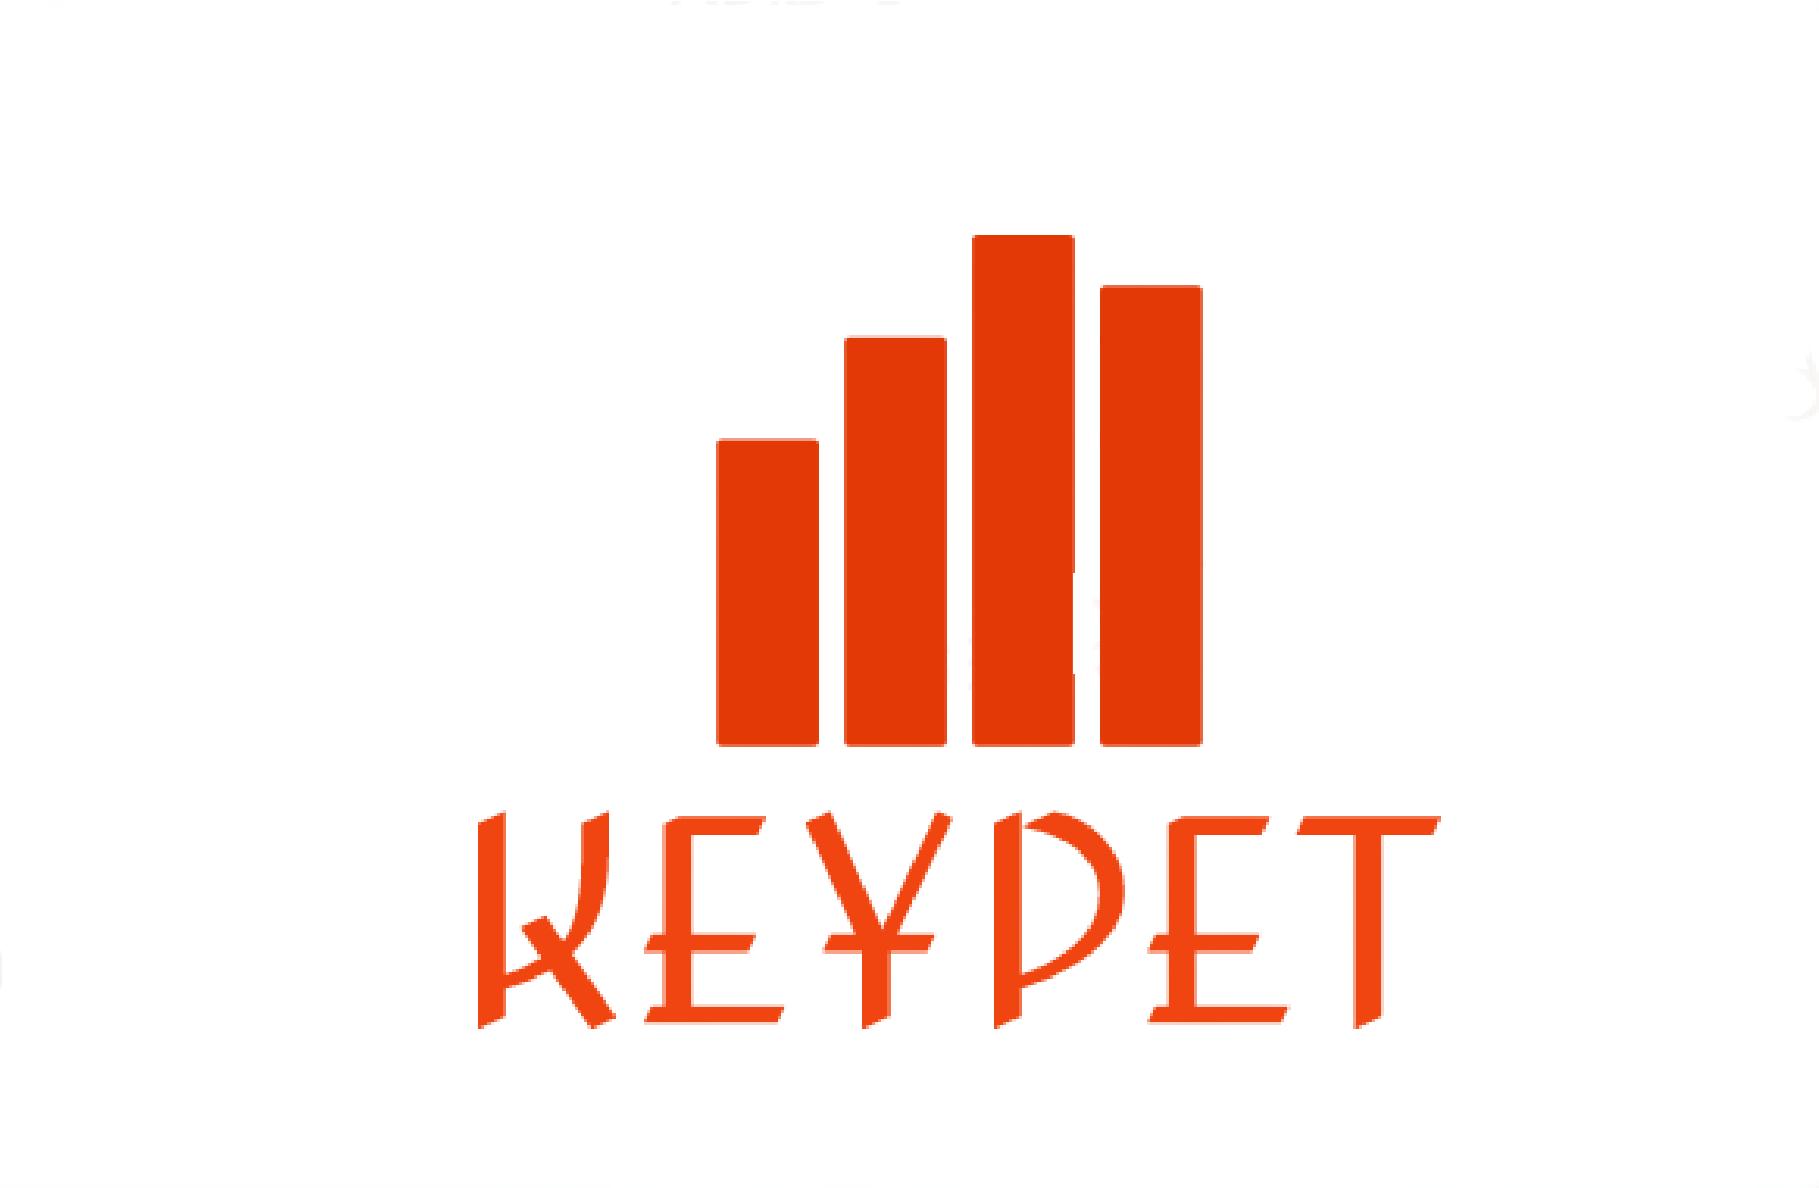 Keypetbooks Limited